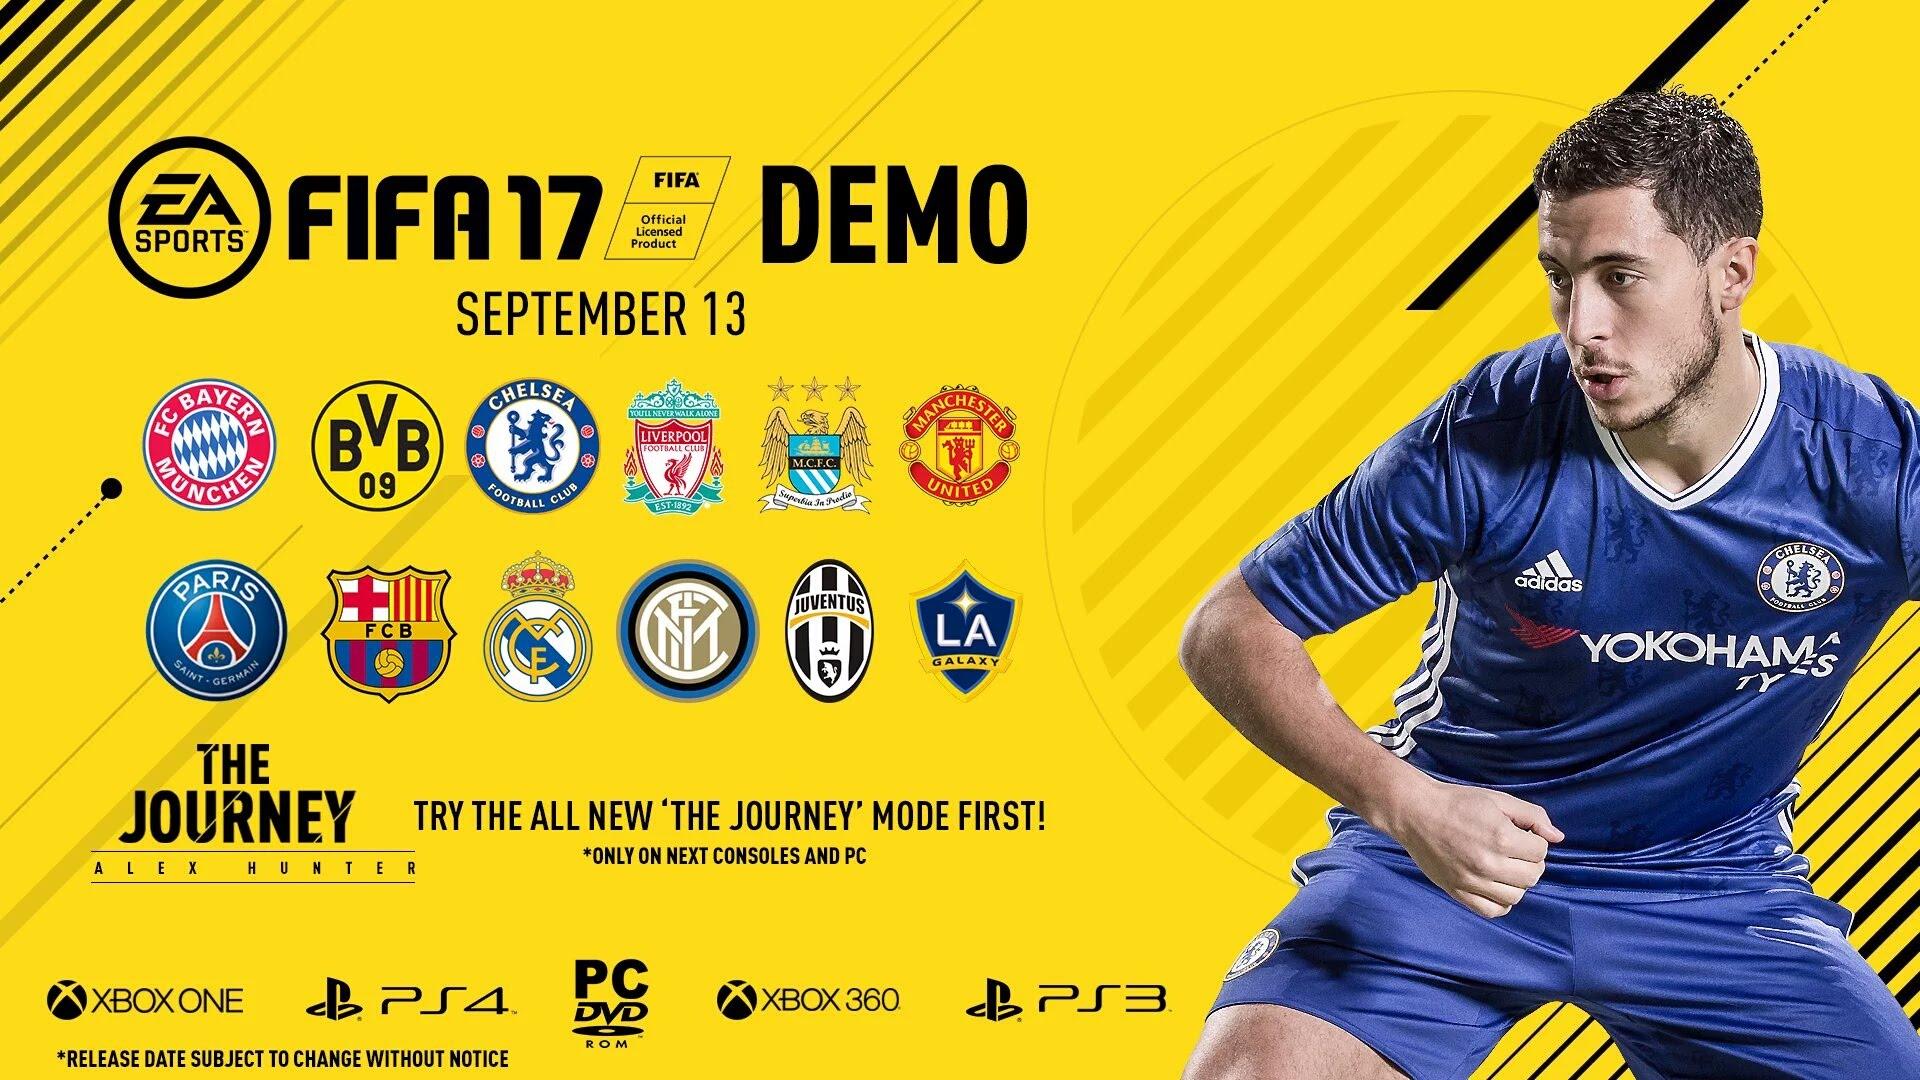 Demo für Fifa 17